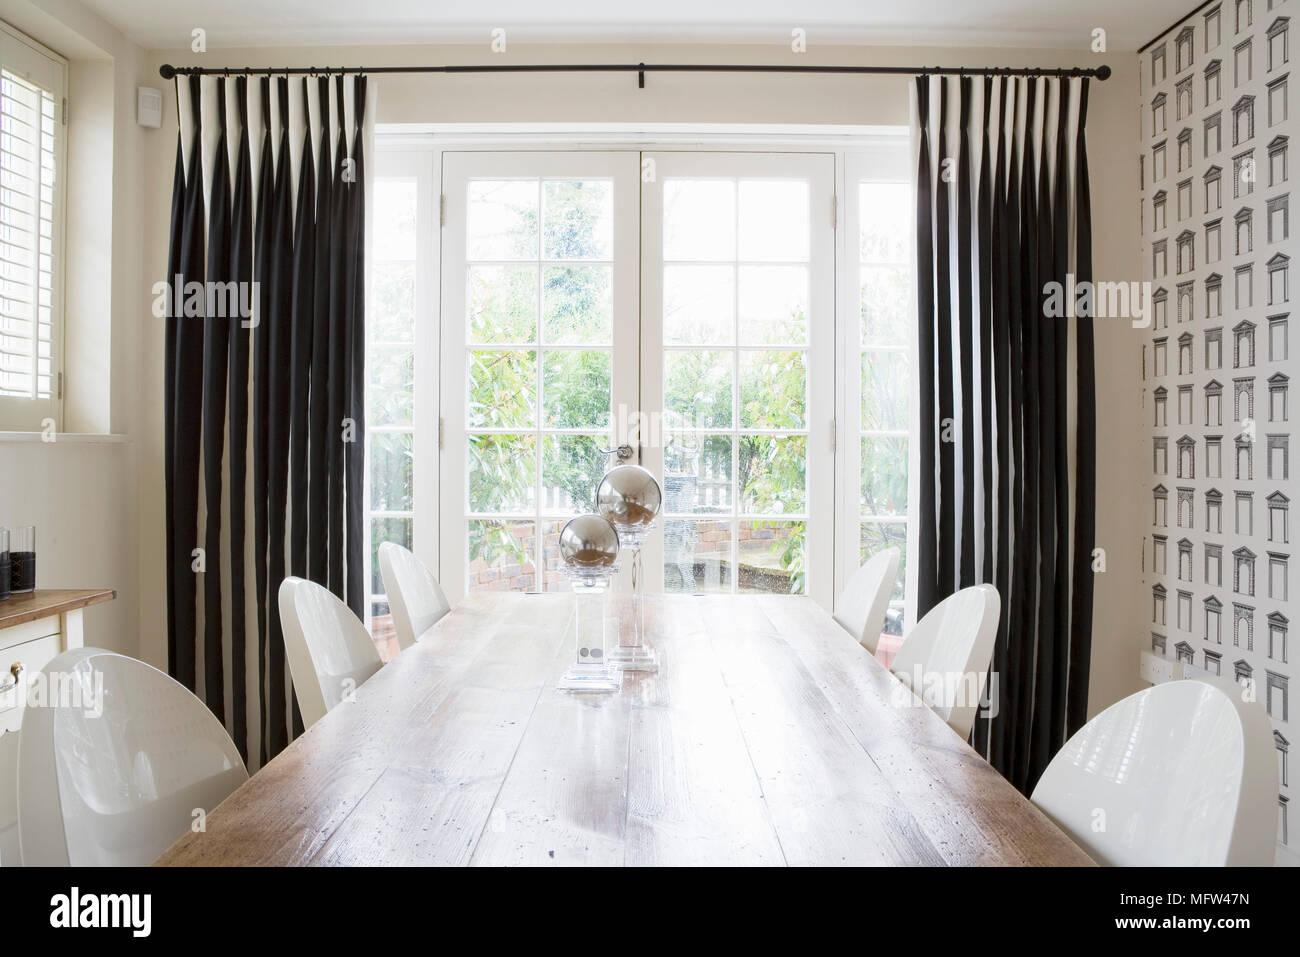 Tavolo Da Pranzo In Legno E Sedie In Plastica Bianca In Camera Con